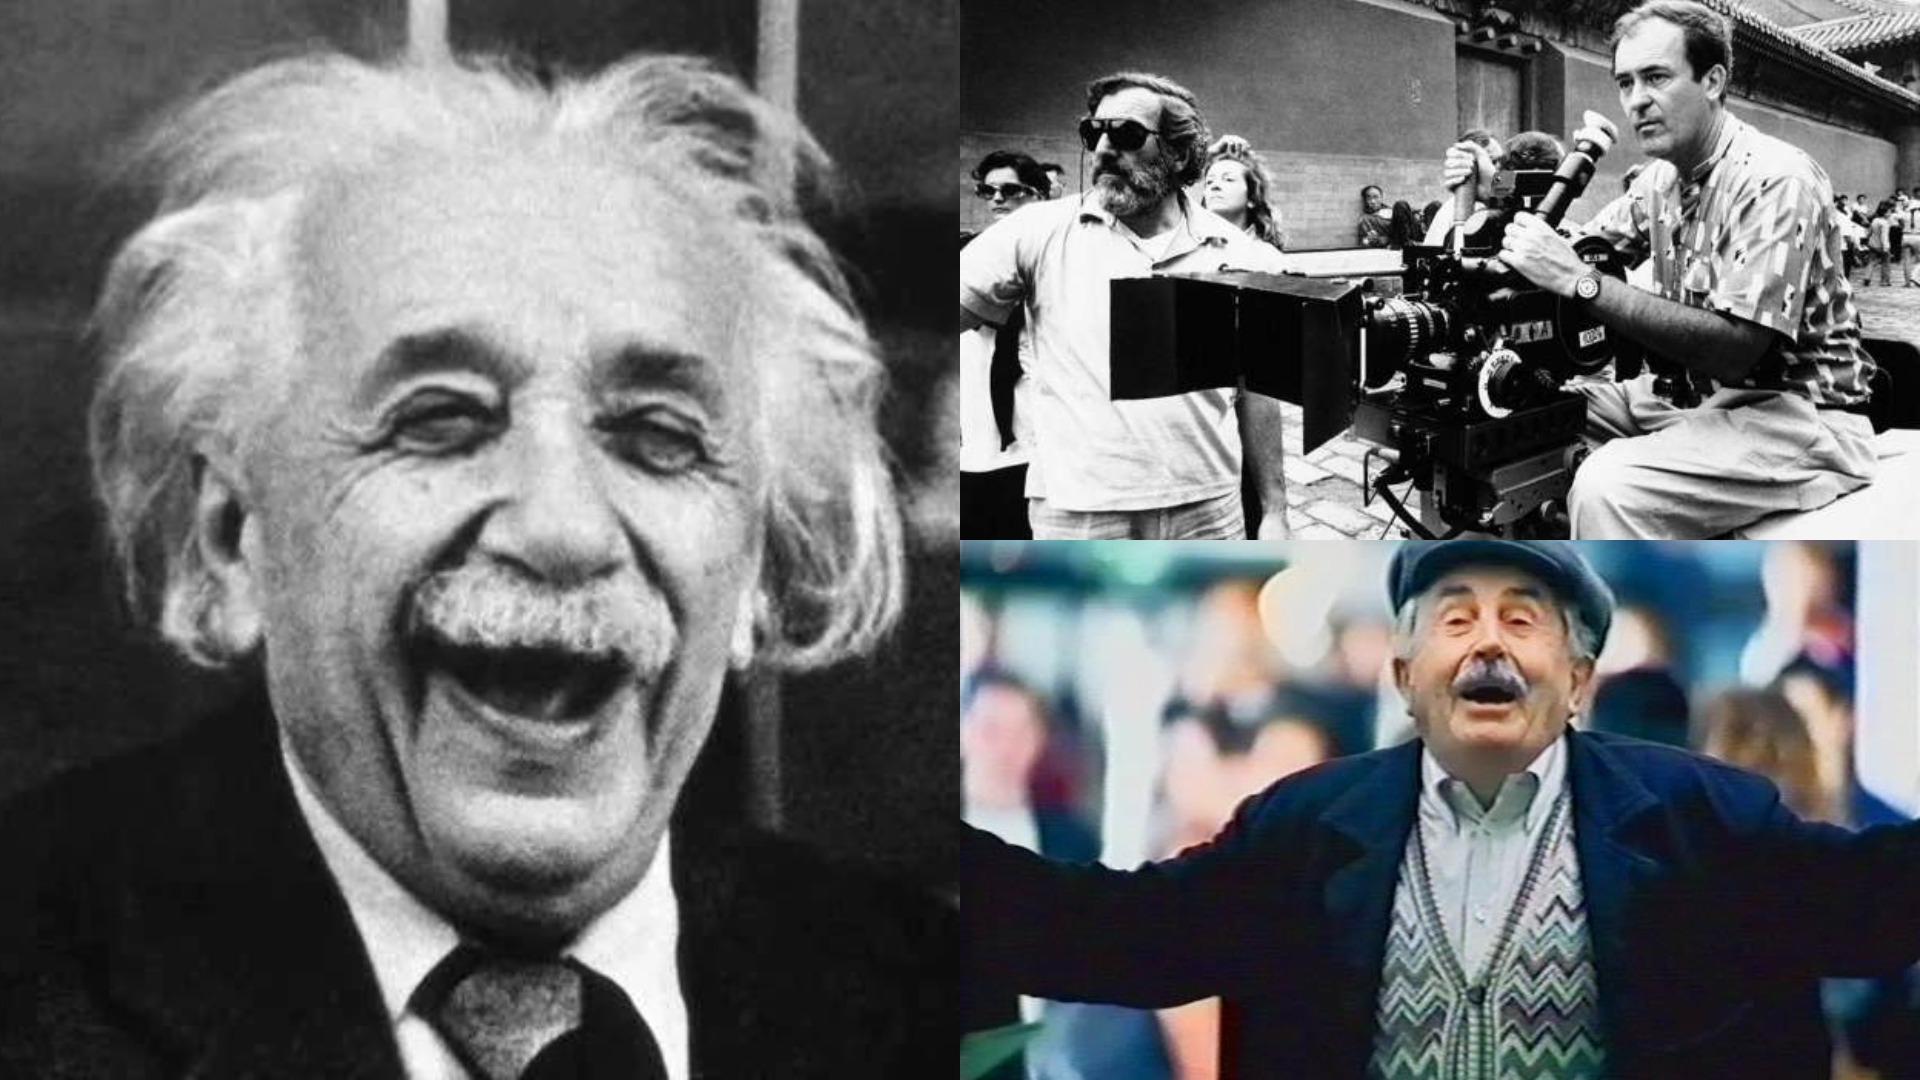 """ჩაი ორისთვის - ფიზიკა, ვიოლინო, ფარდობითობა, კვანტები, """"ყველაფრის თეორია"""""""